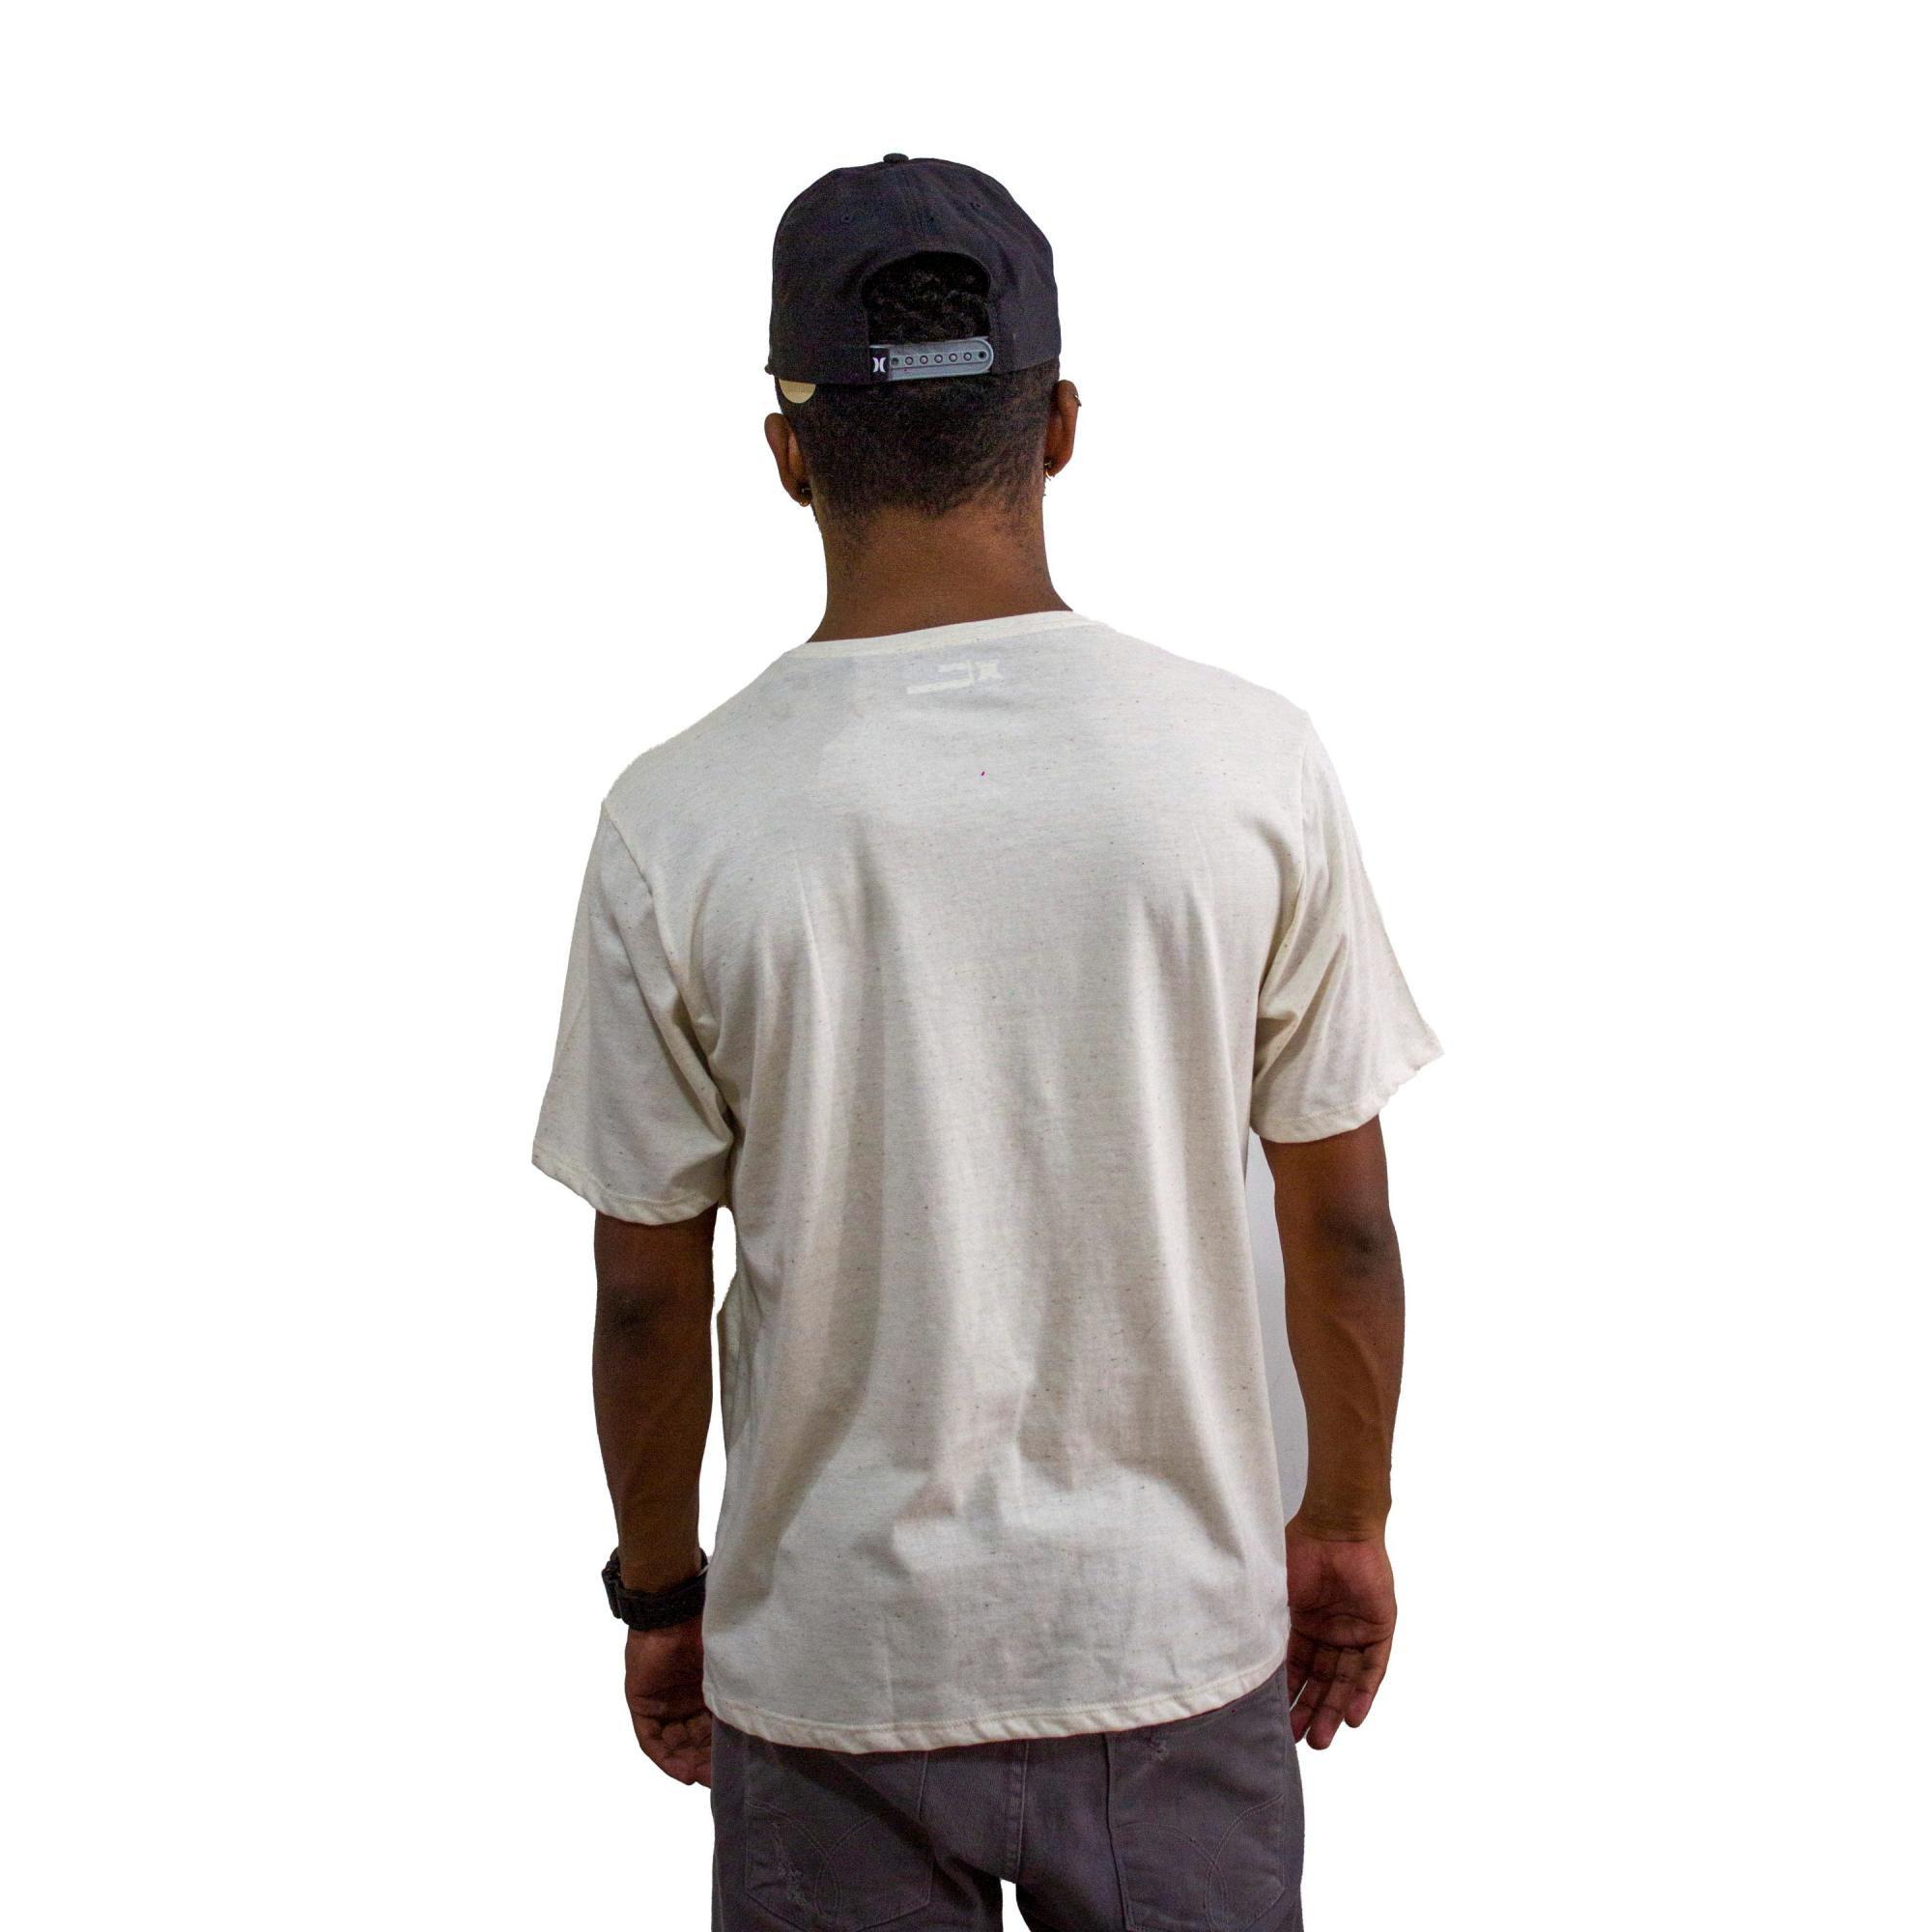 Camiseta Hurley Premium Off White